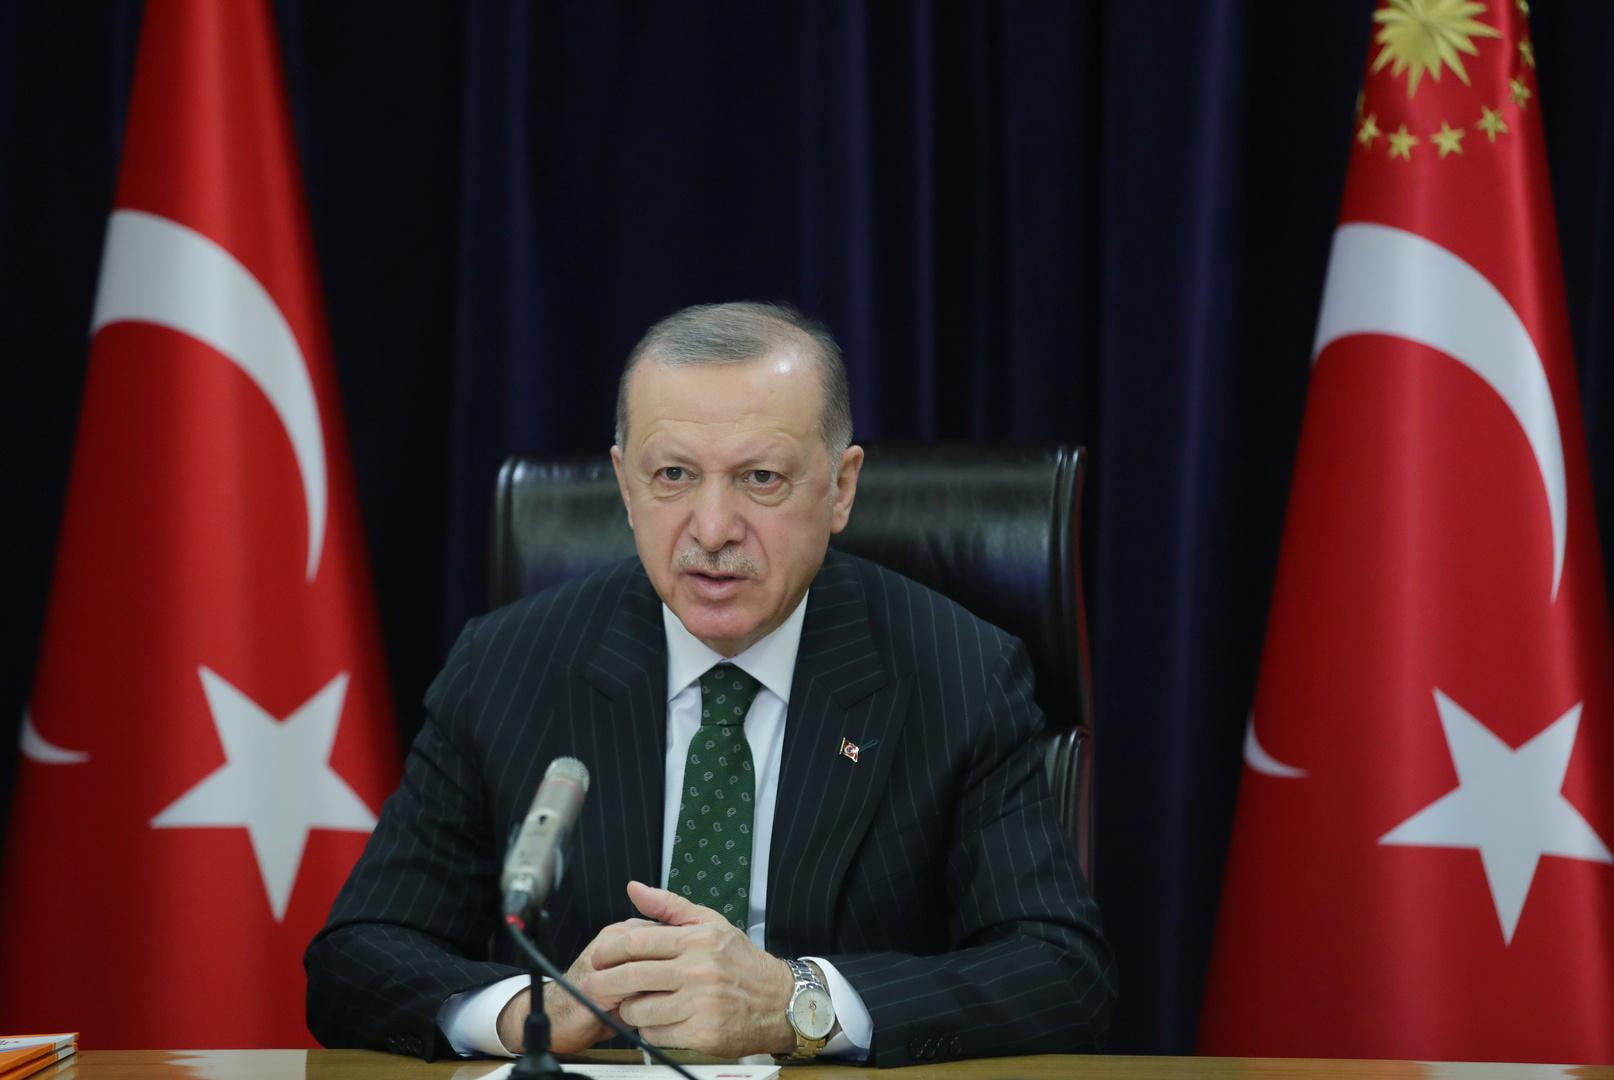 أردوغان: الهجوم الإرهابي على مستشفى الشفاء بعفرين أظهر وحشية تنظيم